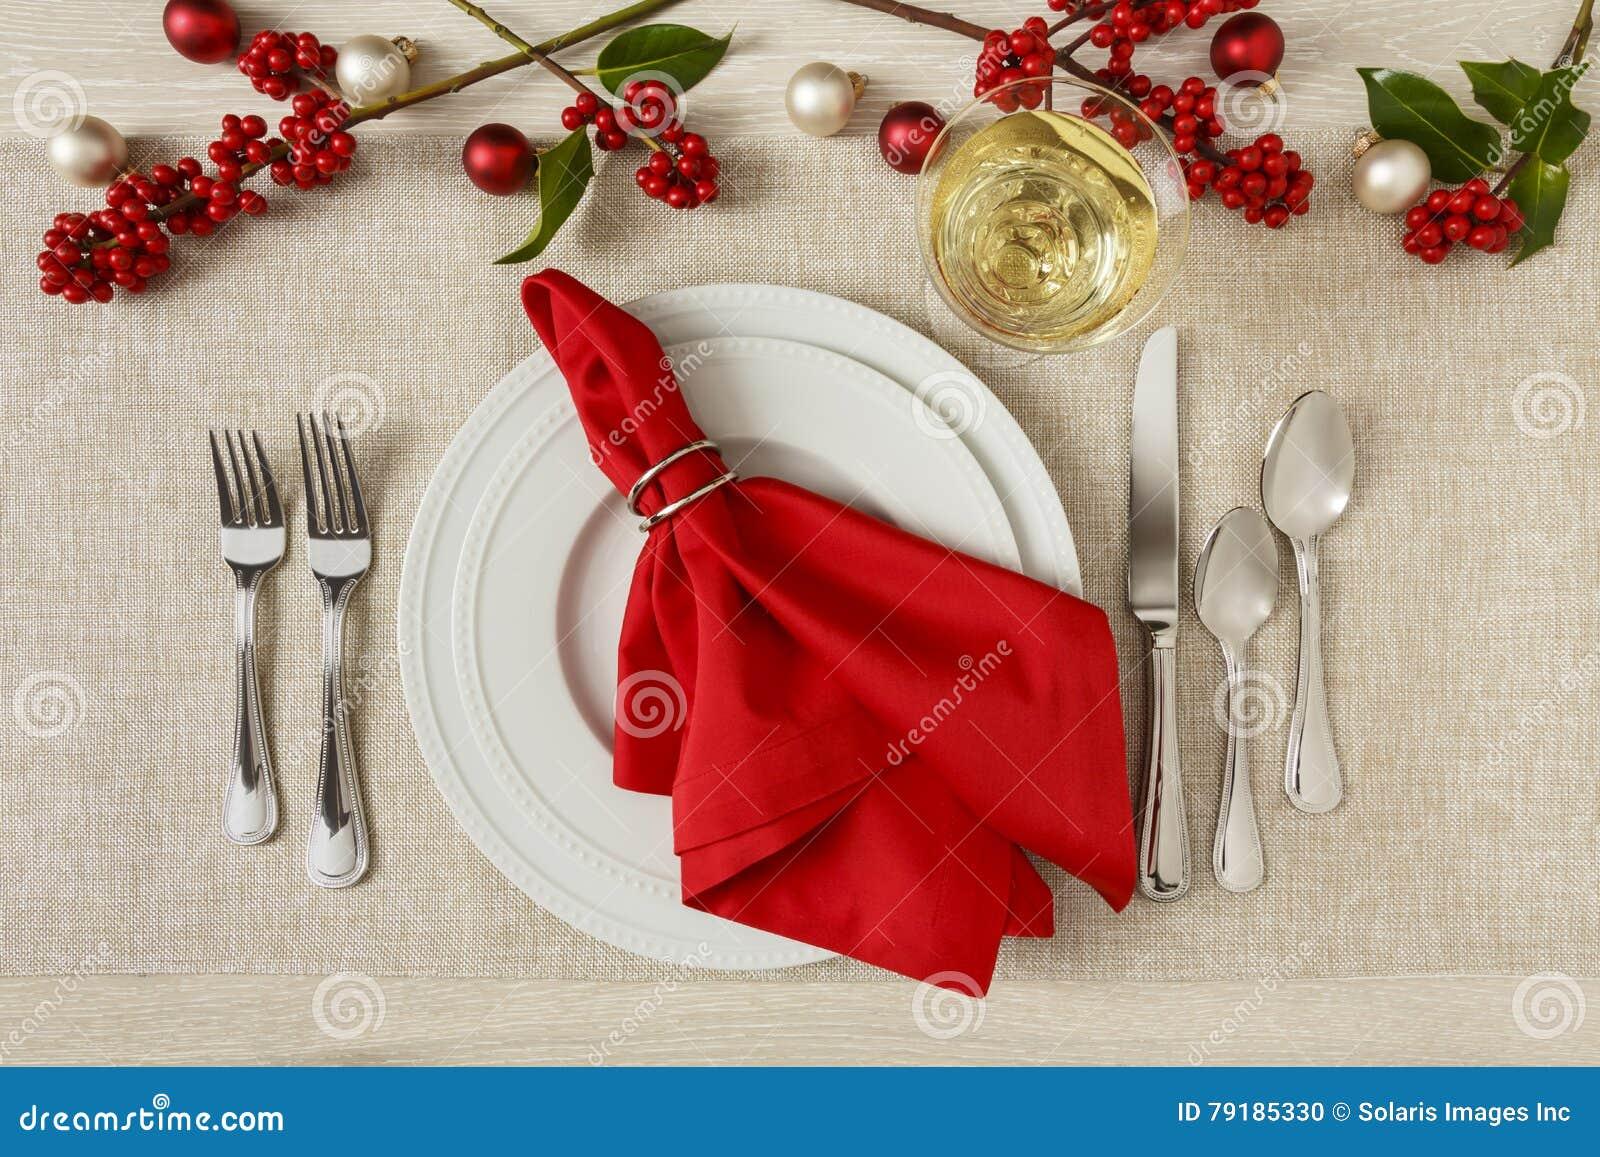 Festliche Weihnachtsfeiertagsgedeckgedeck-Abendessengleichheit